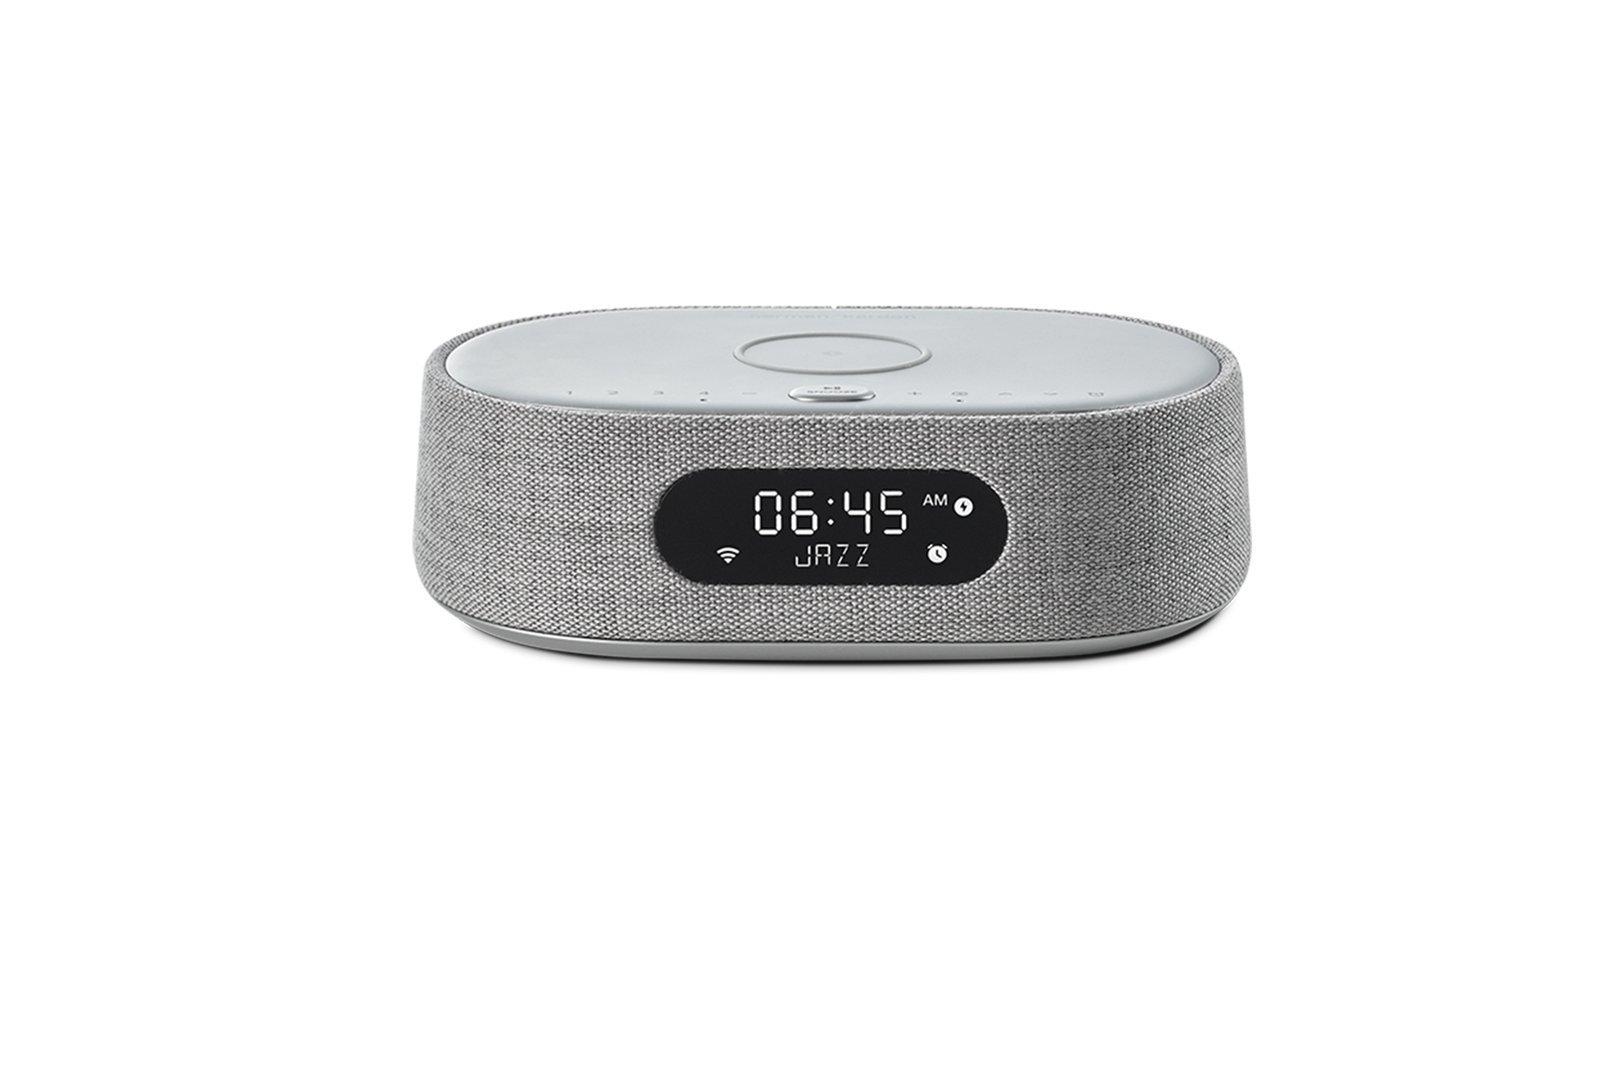 Smart speaker Harman Kardon Citation Oasis DAB WiFi Bluetooth